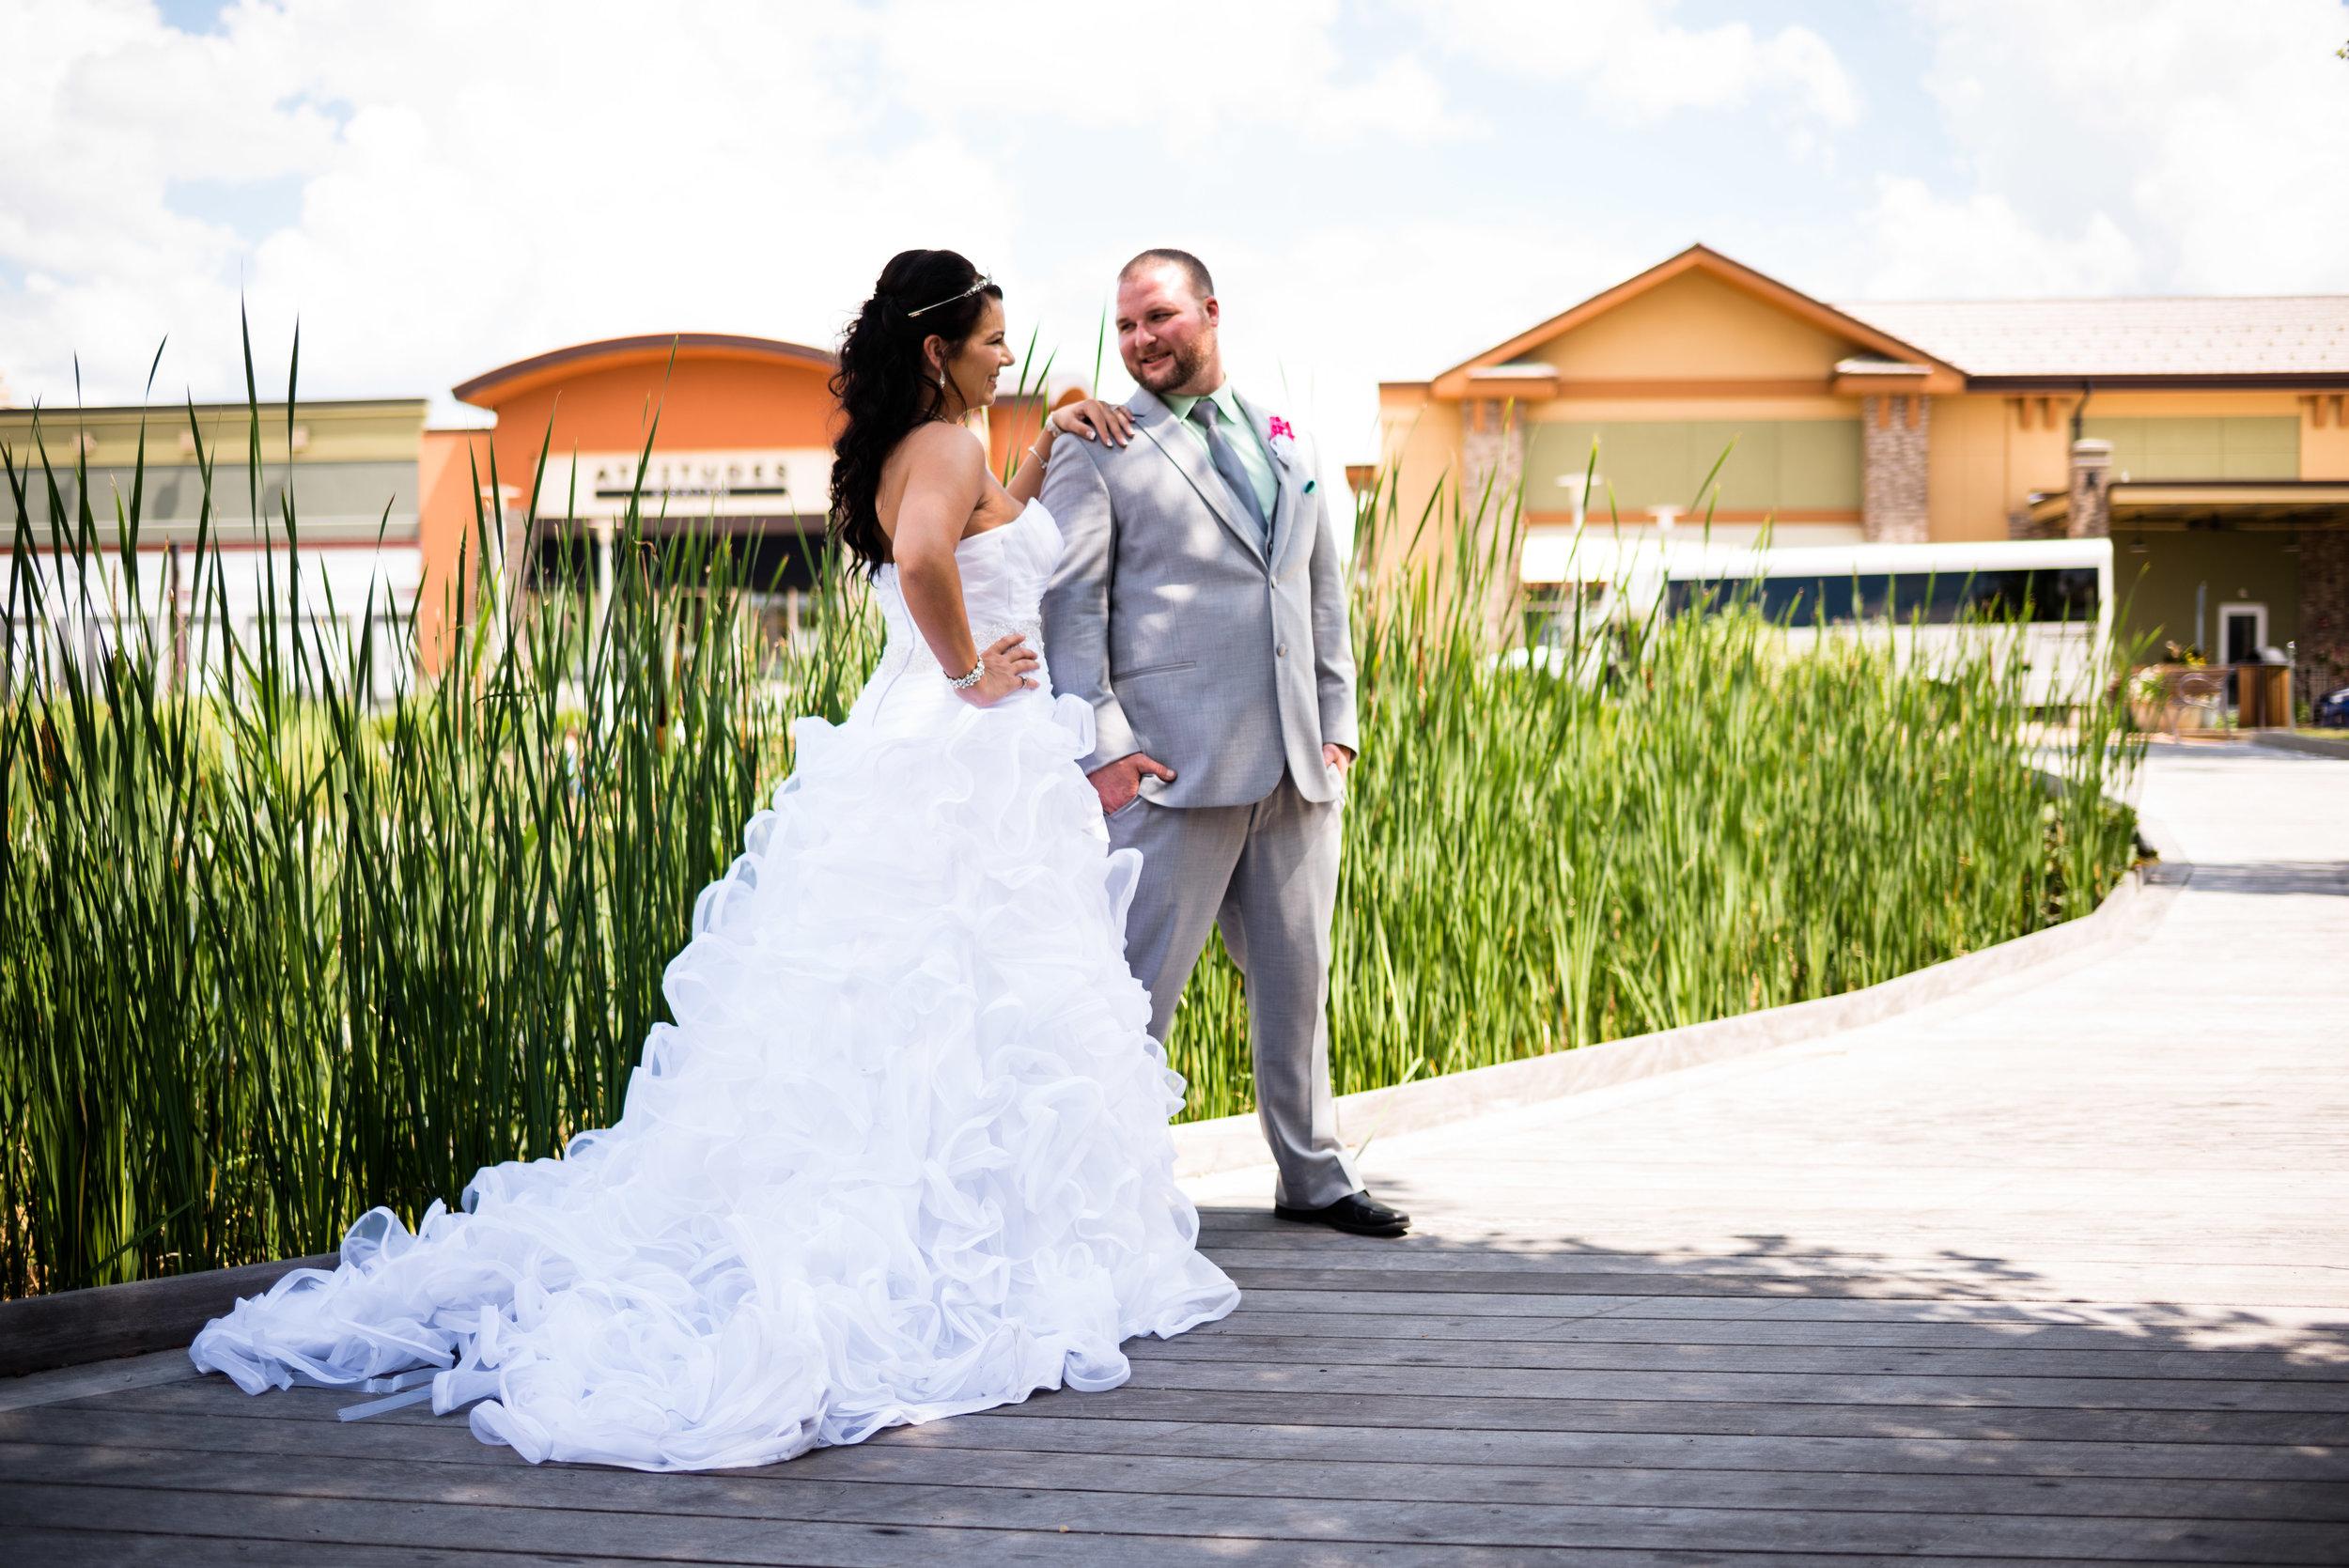 toledo ohio wedding photographer-15.jpg